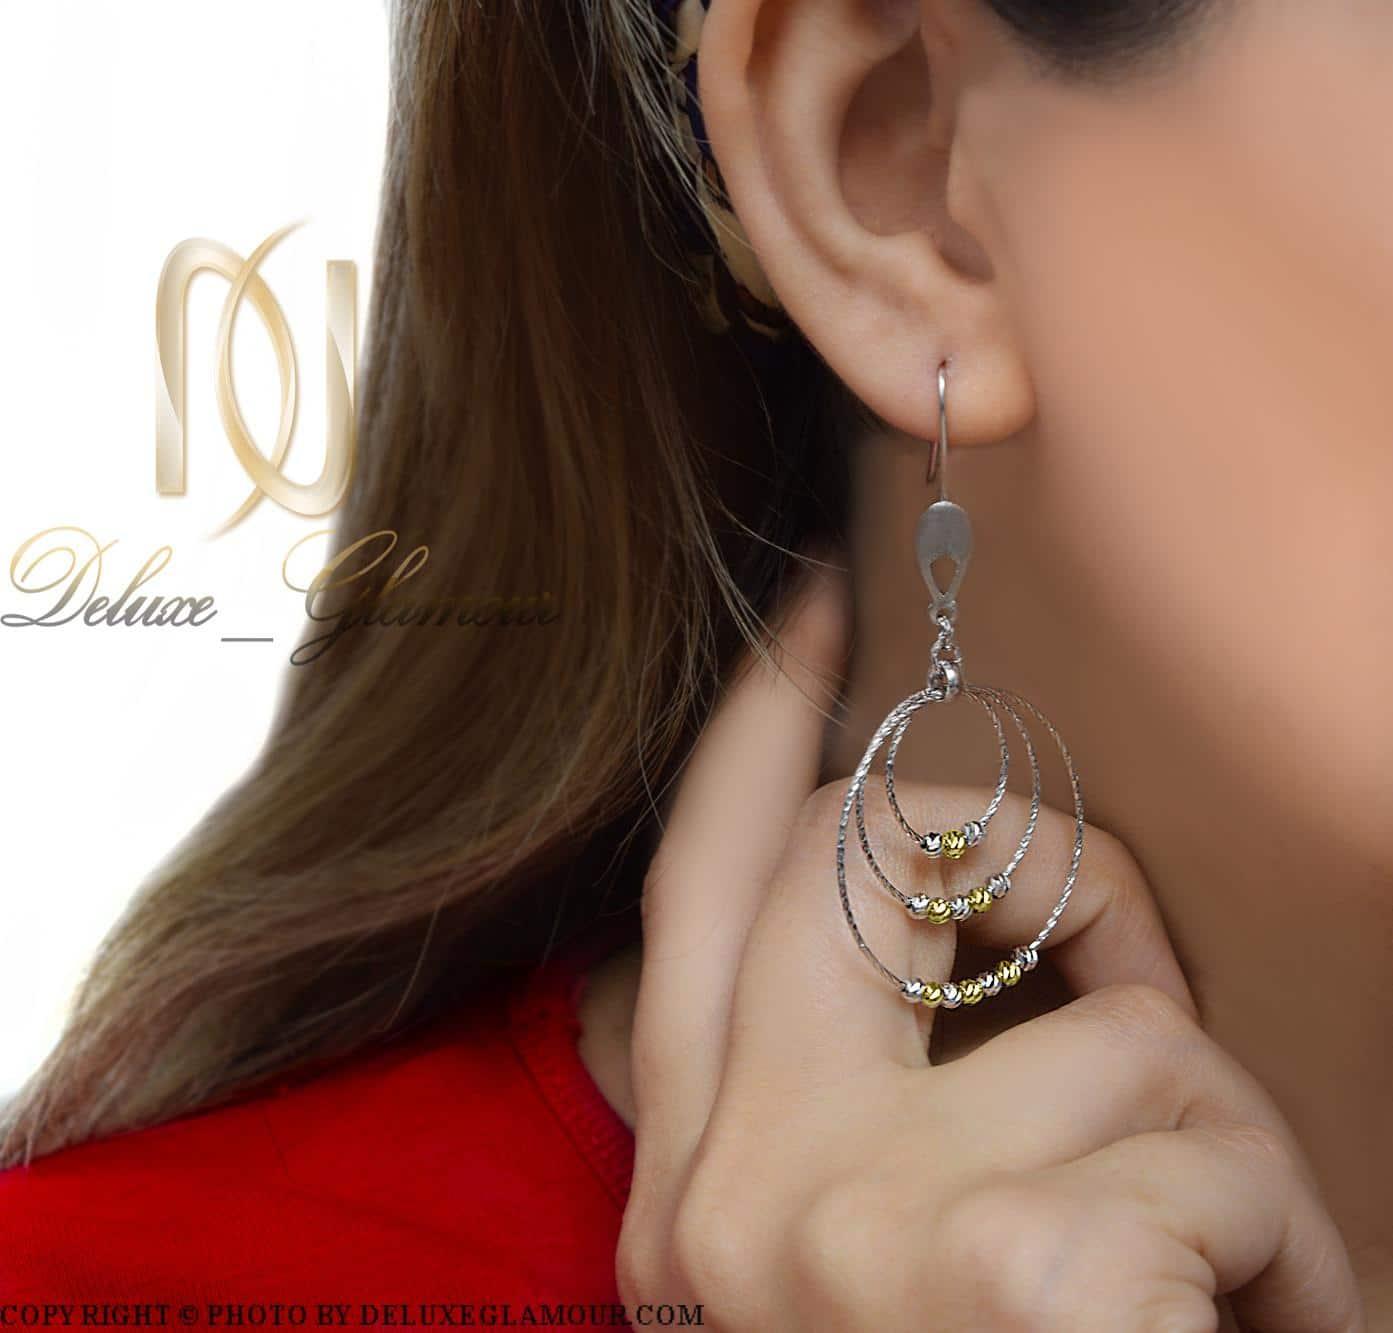 گوشواره نقره زنانه حلقه ای بزرگ er-n162 از نمای روی گوش